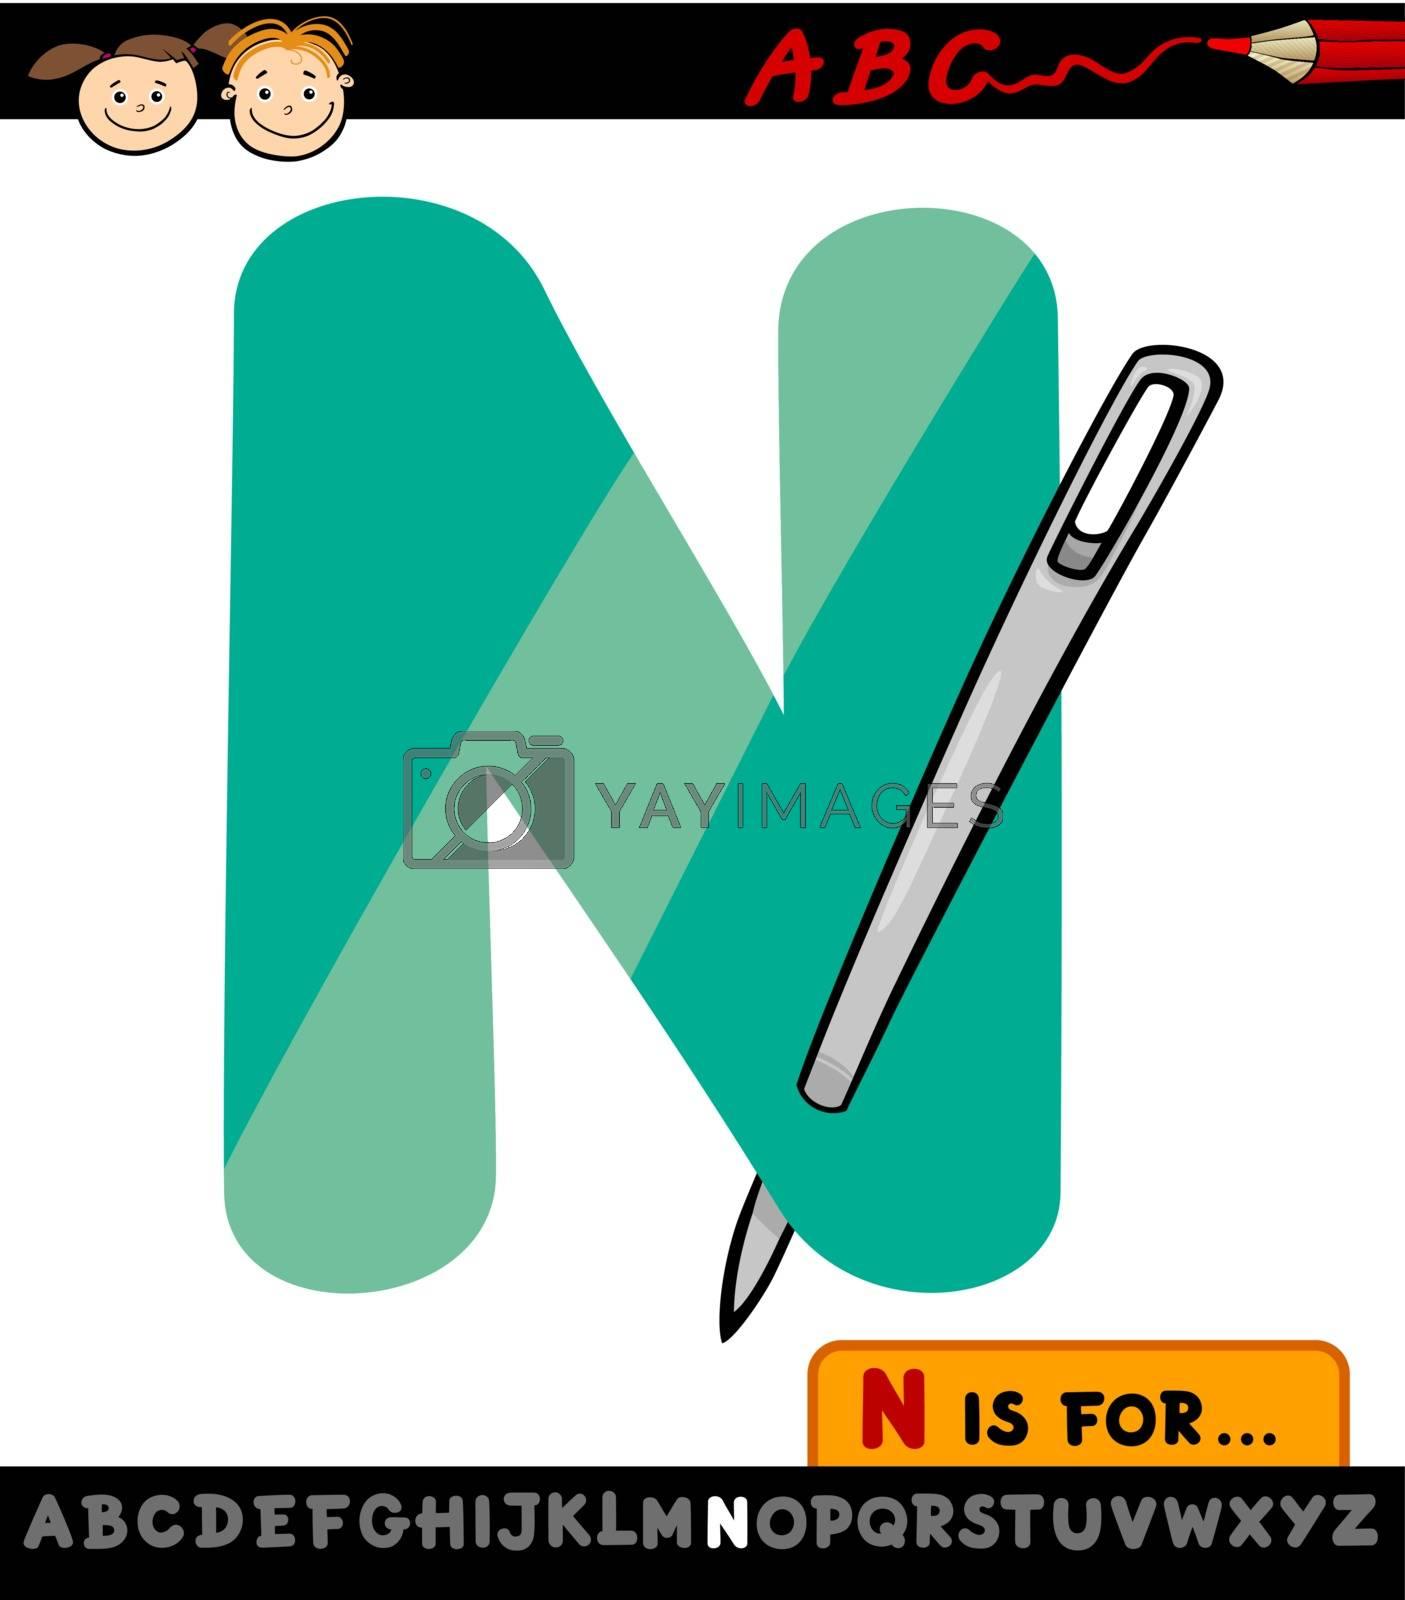 Royalty free image of letter n with needle cartoon illustration by izakowski